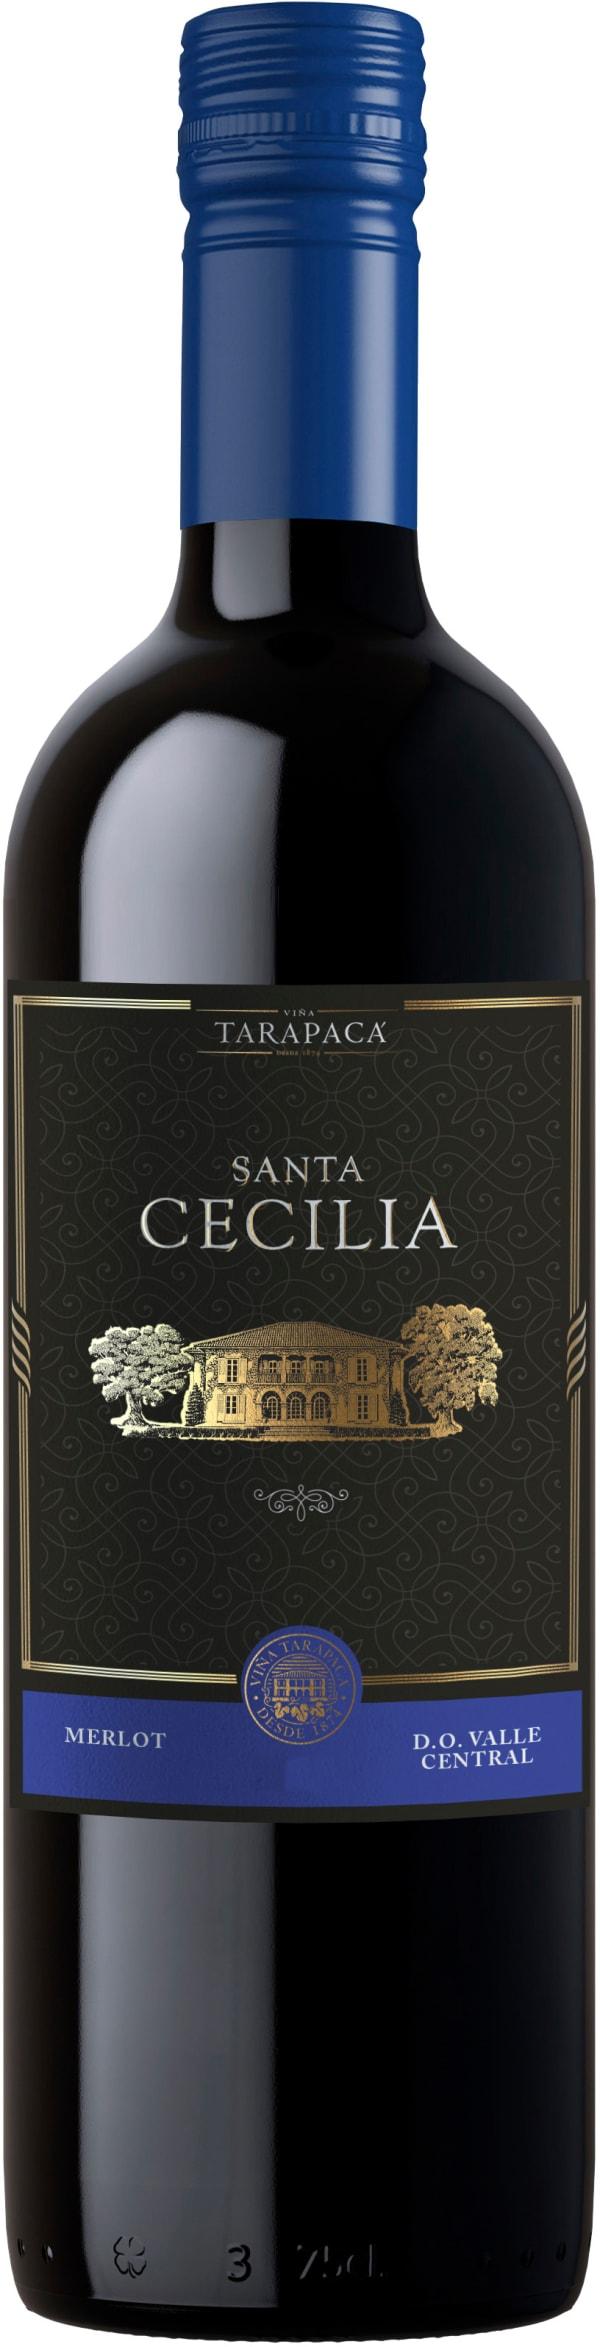 Tarapacá Santa Cecilia Merlot 2018